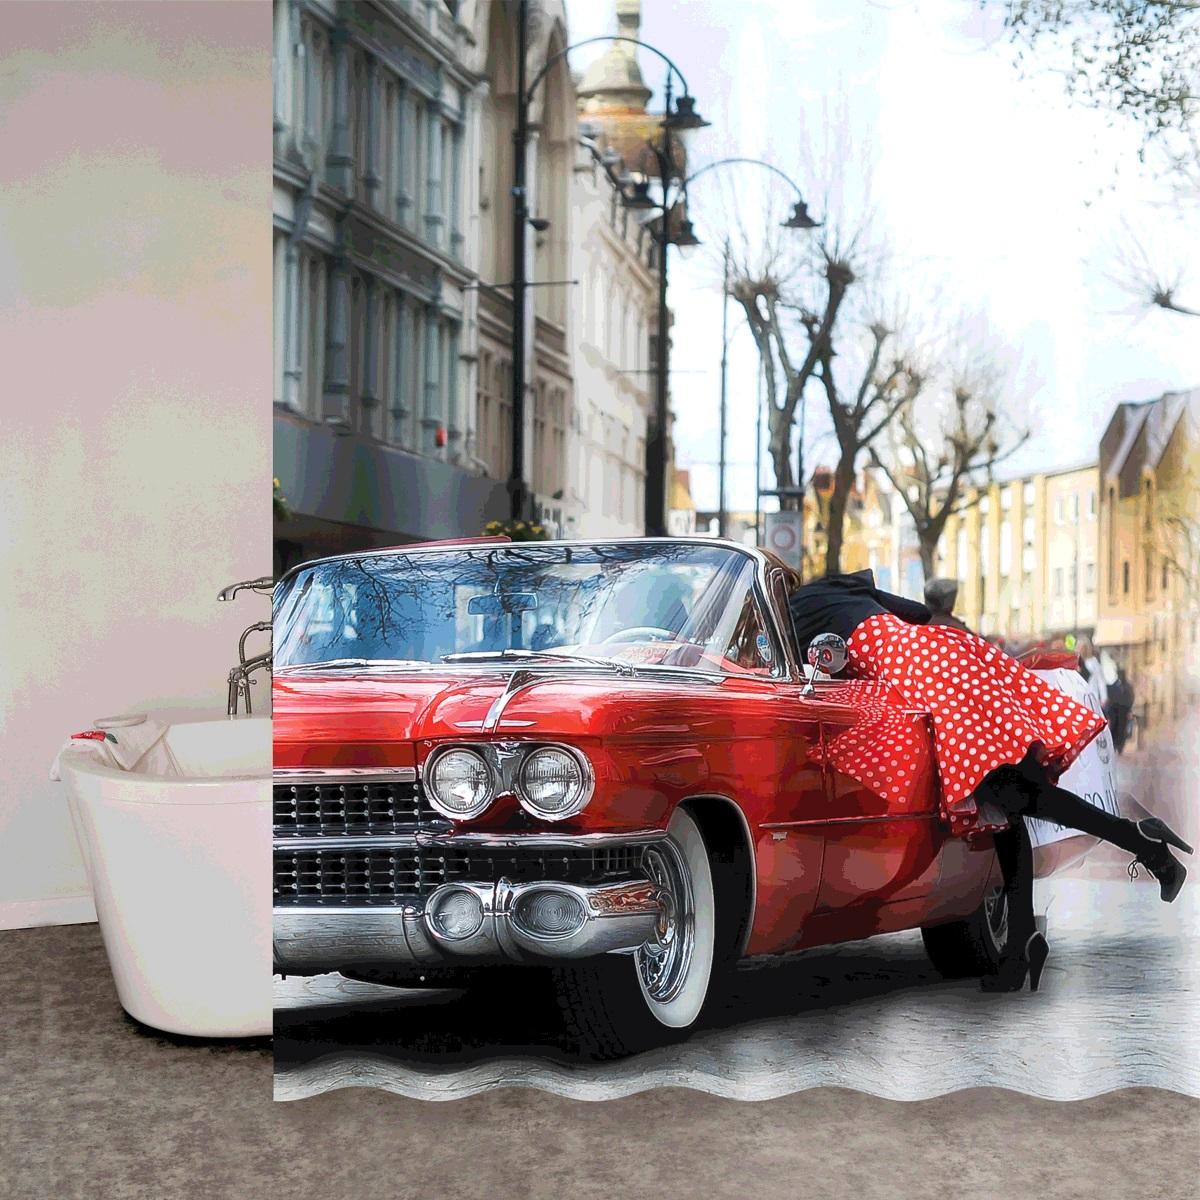 Штора для ванной Iddis Vintage Moments, цвет: серый, красный, 180 x 200 см670P18Ri11Mатериал: текстиль, 100% полиэстер, плотность 110 г/м, водоотталкивающая пропитка, 12 металлических люверсов, 12 колец в комплекте, упаковка ПВХ пакет